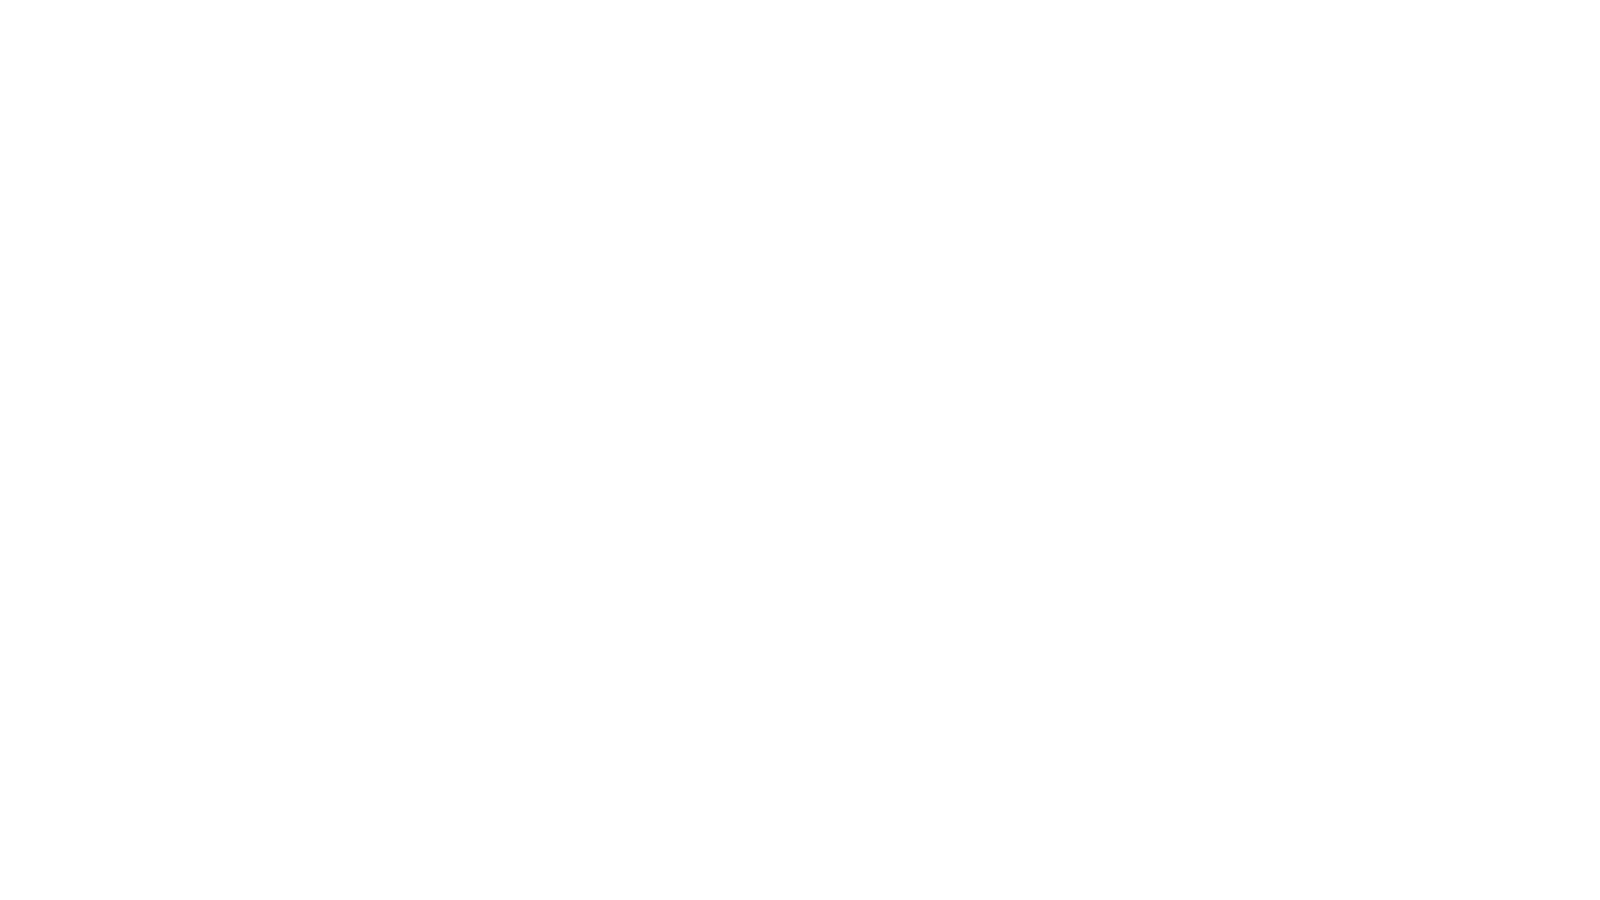 """En el libro María cuenta las aventuras de """"Quino"""" un niño que se convierte en superhéroe y que tendrá que aprender a entrenar sus poderes. Inspirada en la historia de su padre que convive con un mieloma múltiple, nos explica a través de su personaje """"Quino"""" como conectar con nuestra fuerza interior, liderando y abrazando la vida, desde el aprendizaje diario, la valentía y el positivismo. Una exitosa  iniciativa solidaria donde los beneficios del libro van destinados a la Fundación Josep Carreras."""